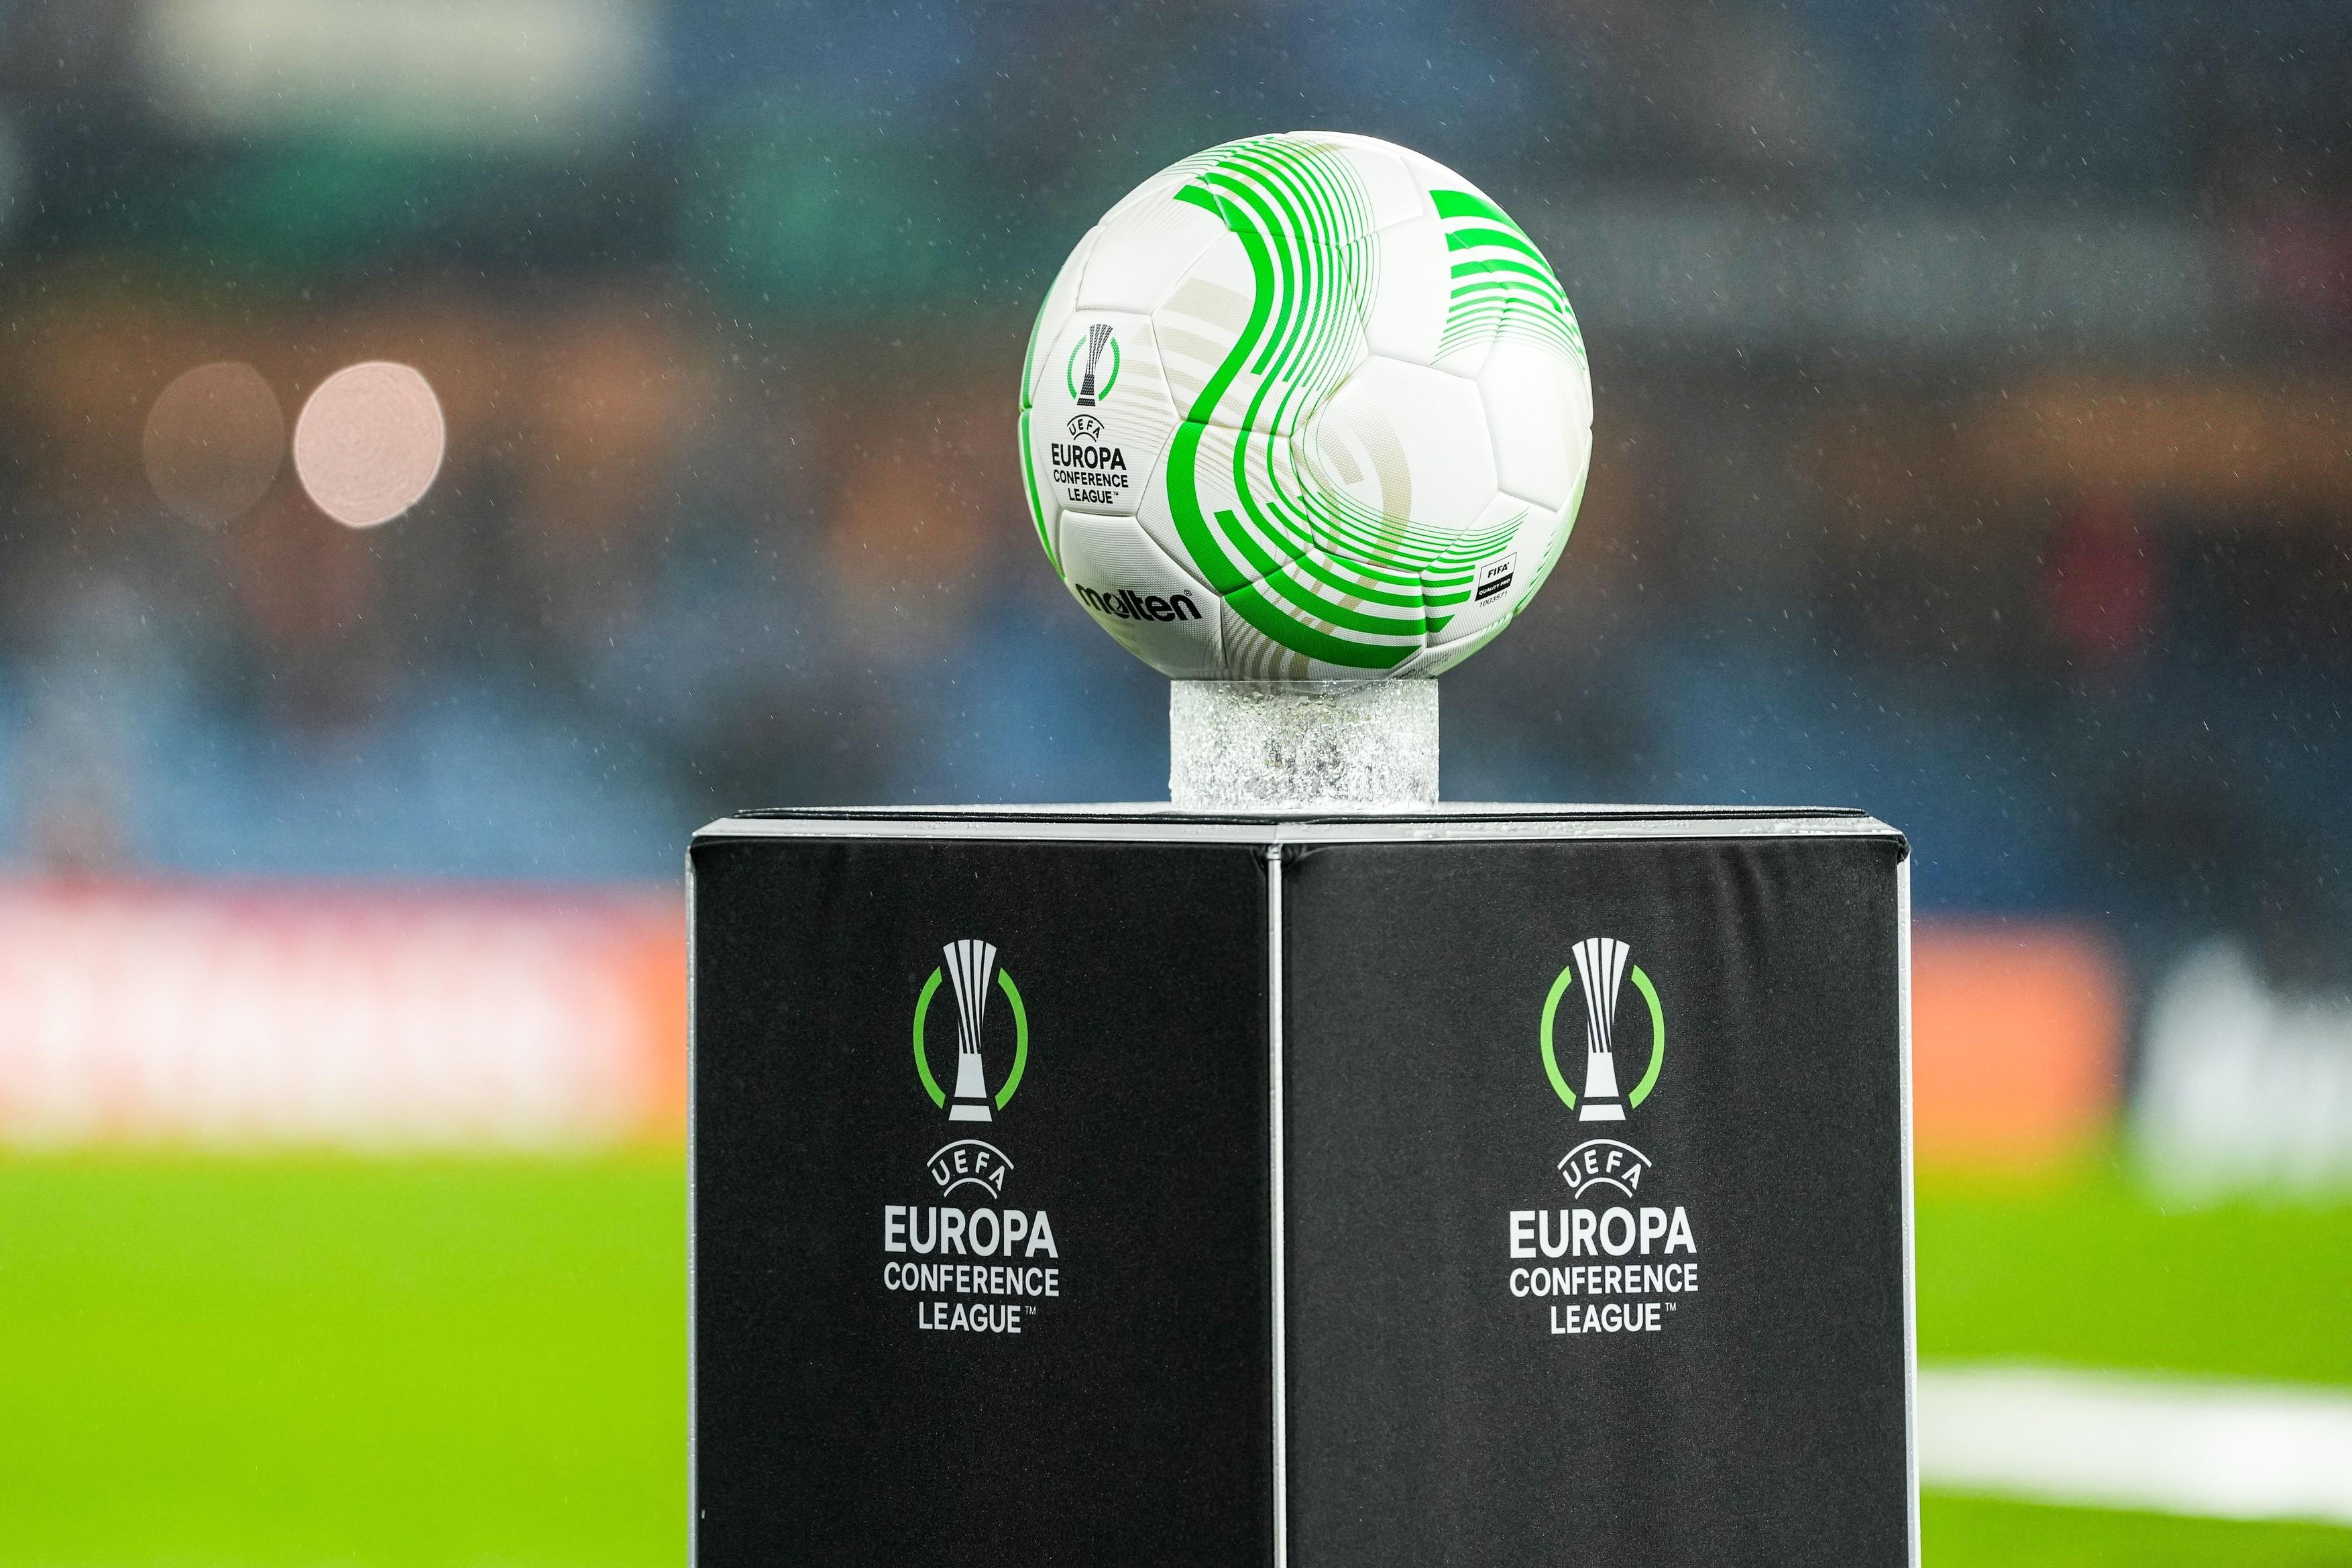 Grupele Conference League, etapa 3 | PAOK-ul lui Lucescu și Mitriță, meci greu cu FC Copenhaga. Slavia Praga joacă la Haifa. Programul complet